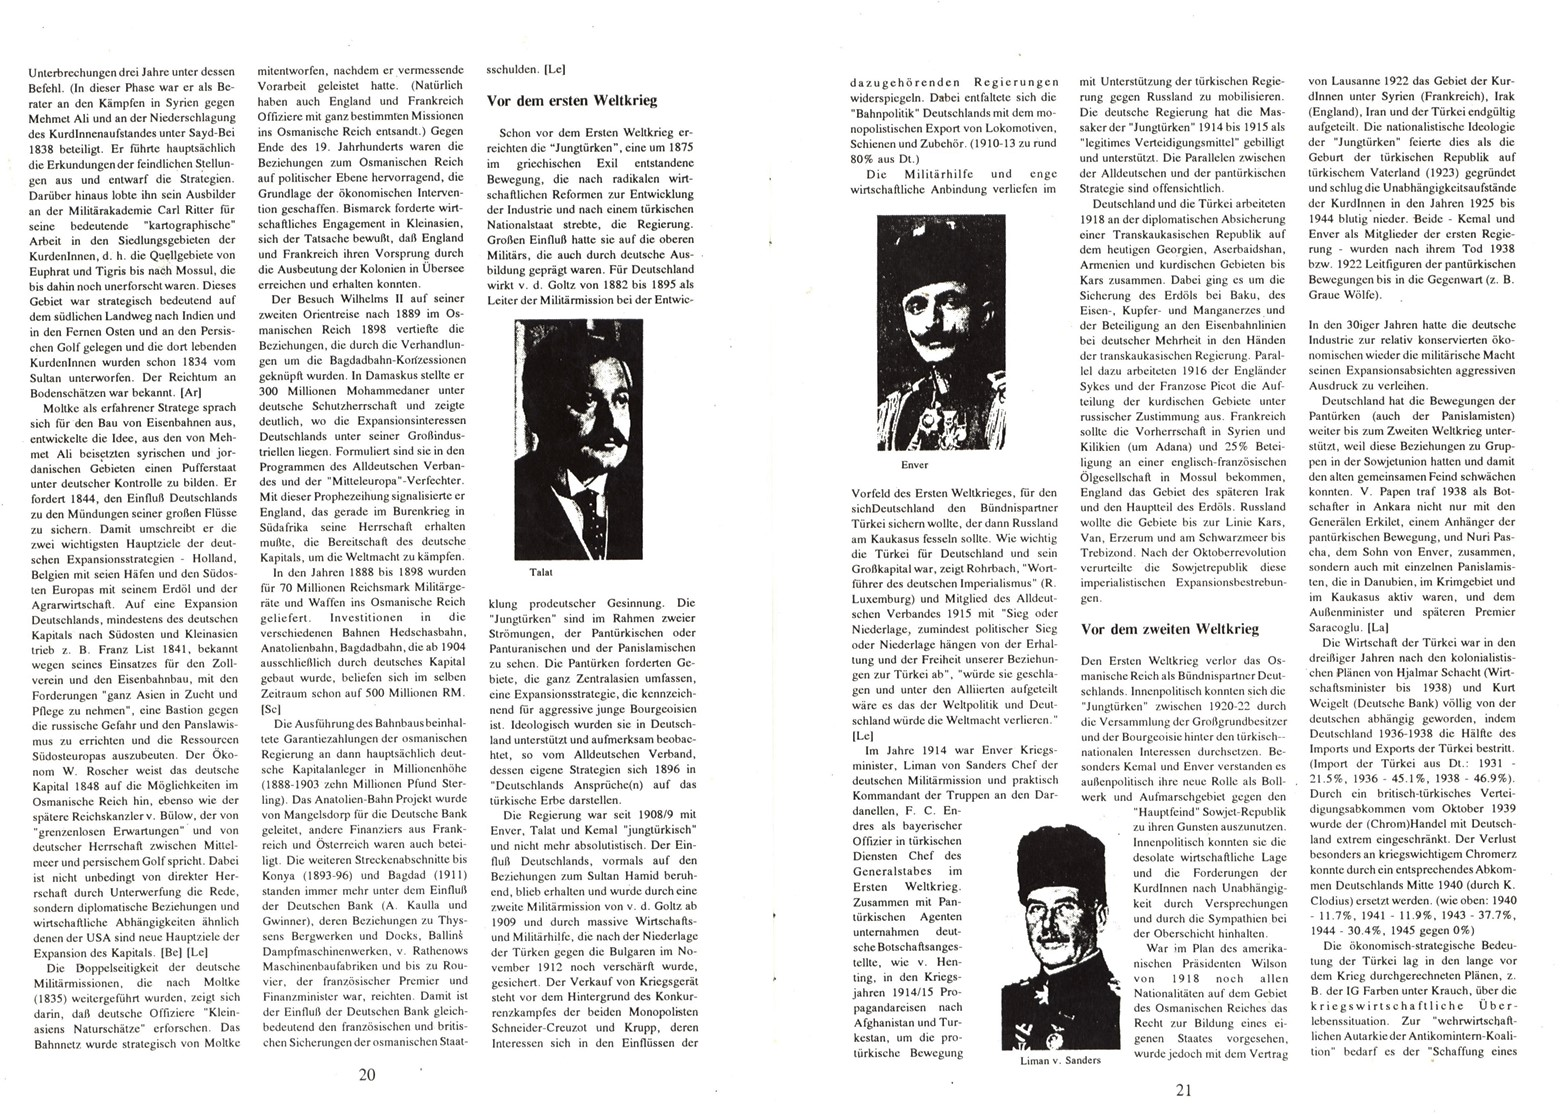 Kurdistan_1993_011